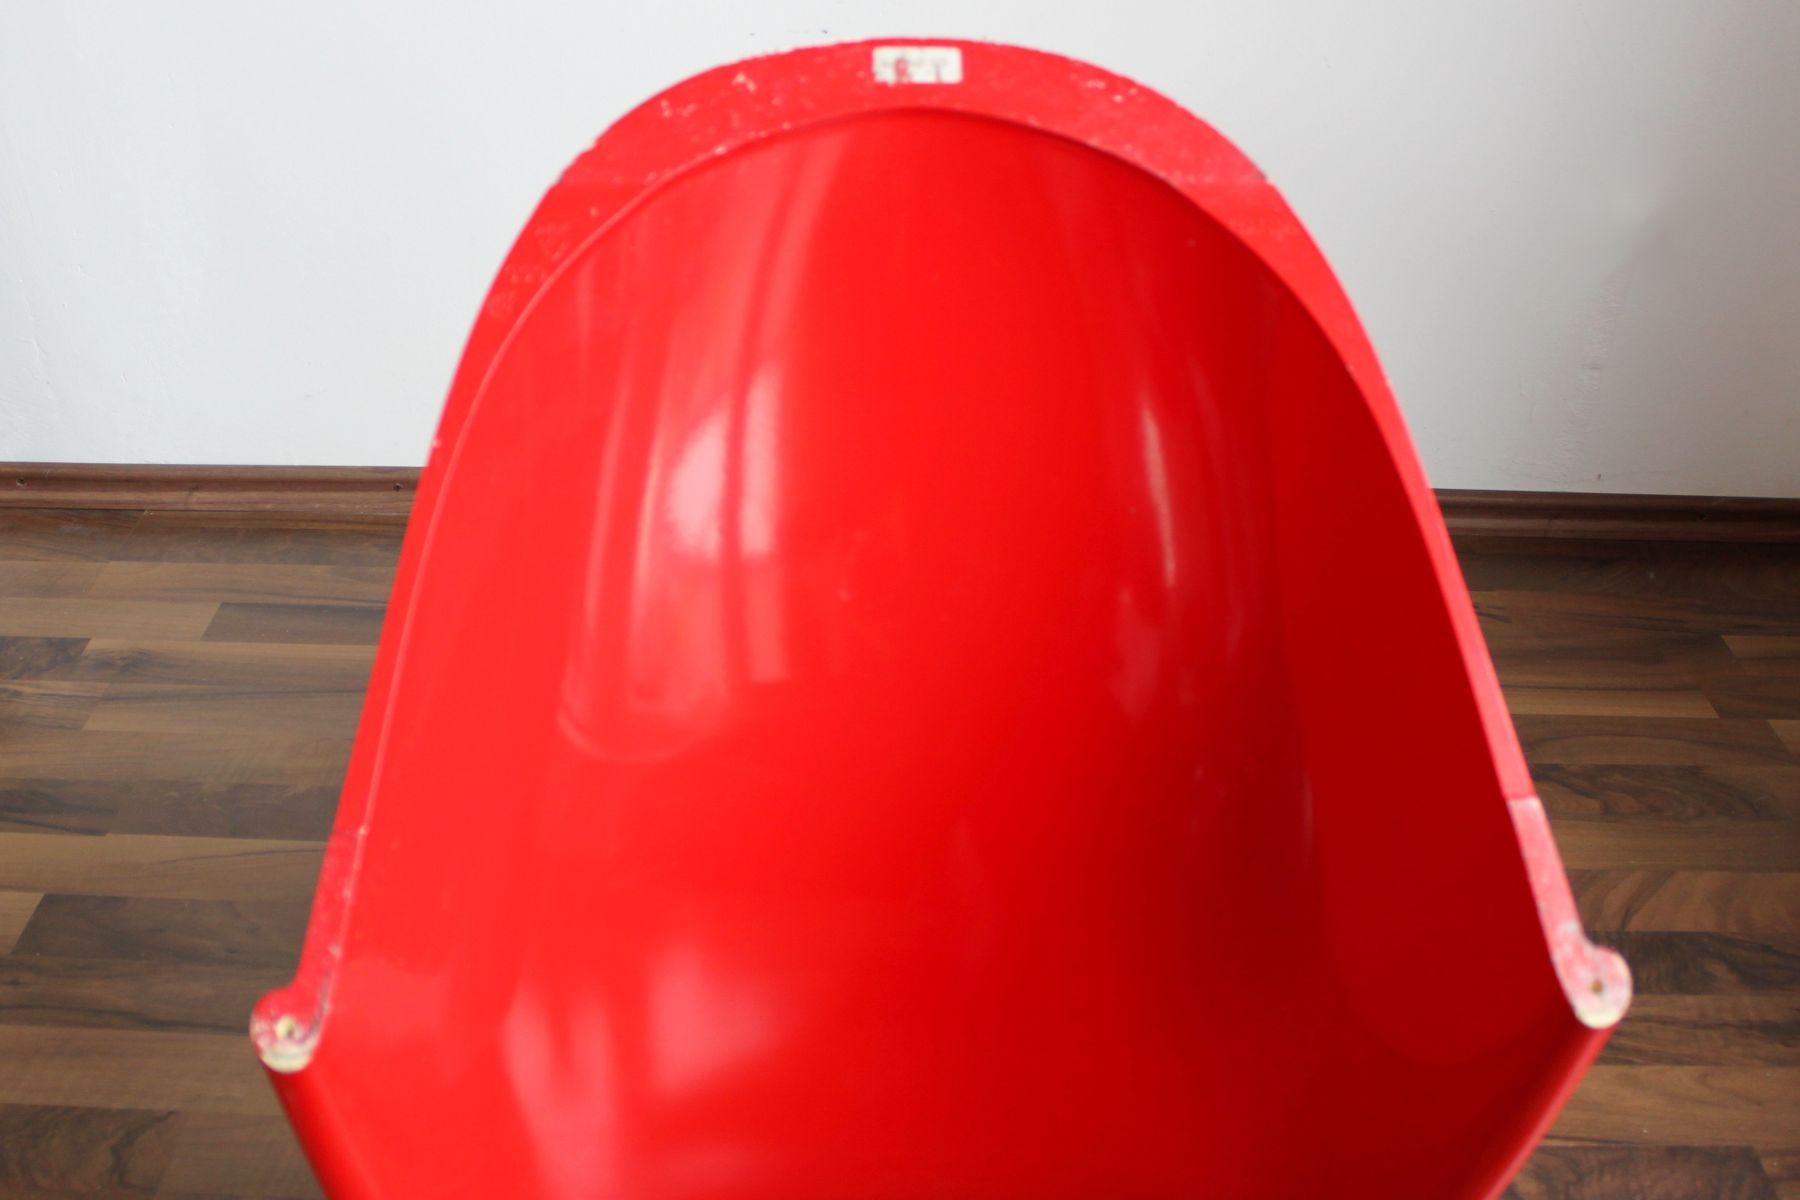 die kleinen roten st252hle 252berpr252fen m246belideen